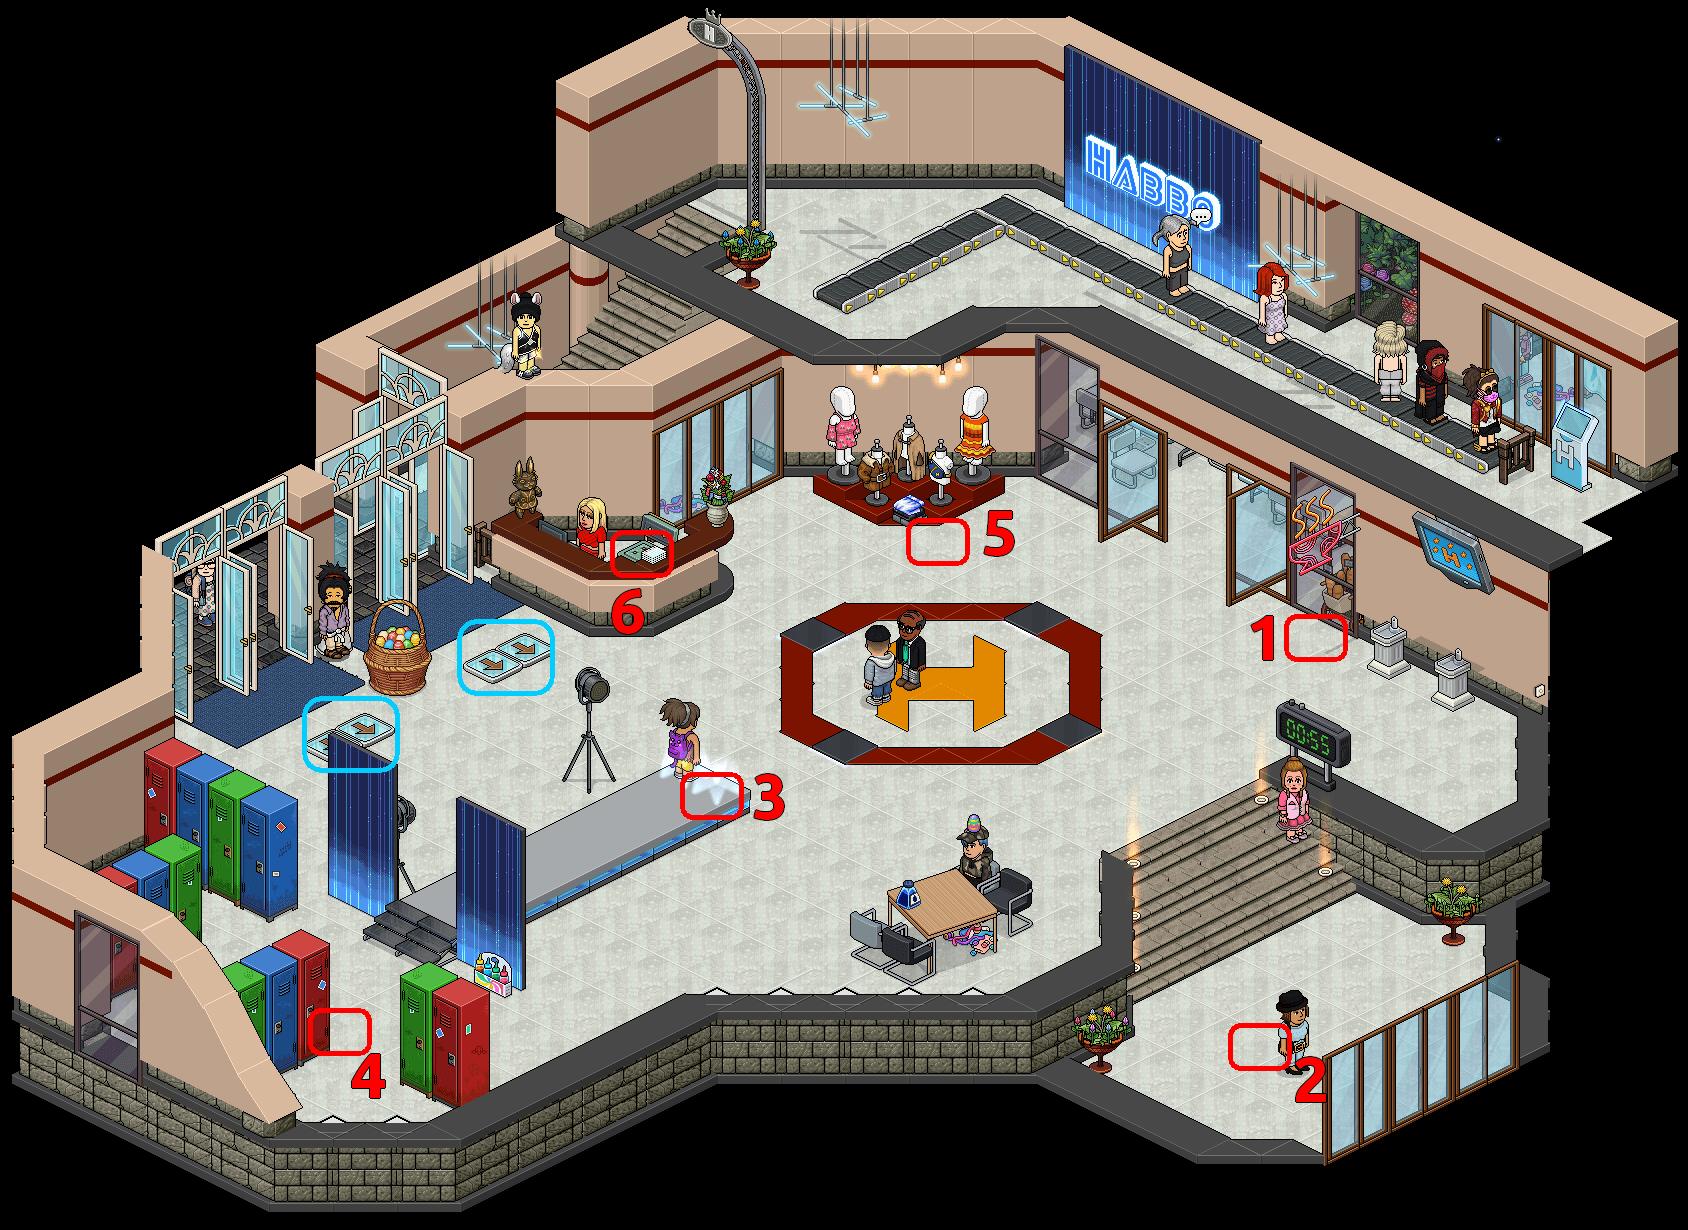 [BFS] Bienvenue à l'école de mode de Bonnie